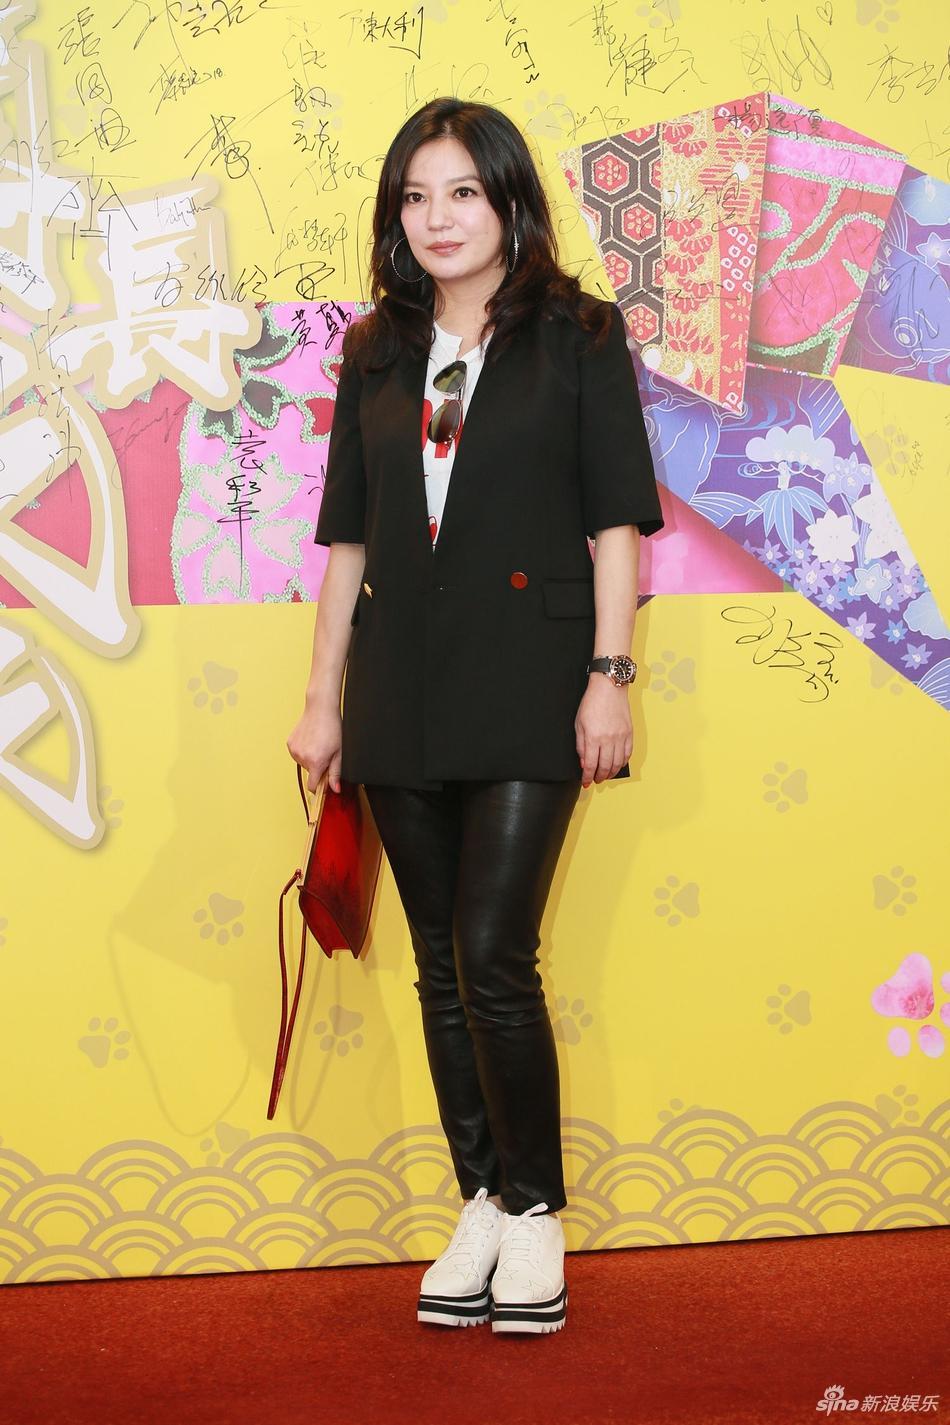 Nữ diễn viên Triệu Vy trở thành tâm điểm thu hút mọi ống kính phóng viên với gương mặt chảy xệ kém sắc.